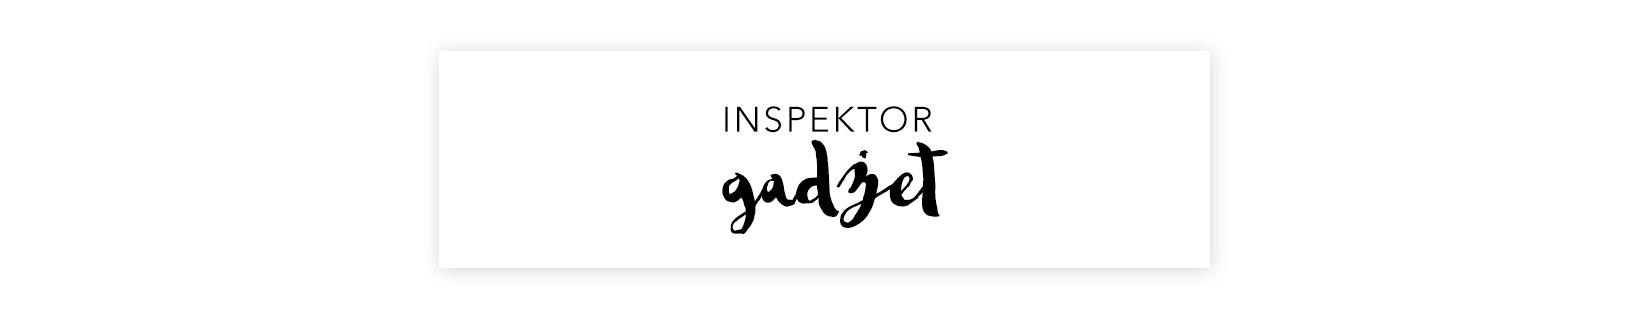 naglowek-inspektor-gadzet